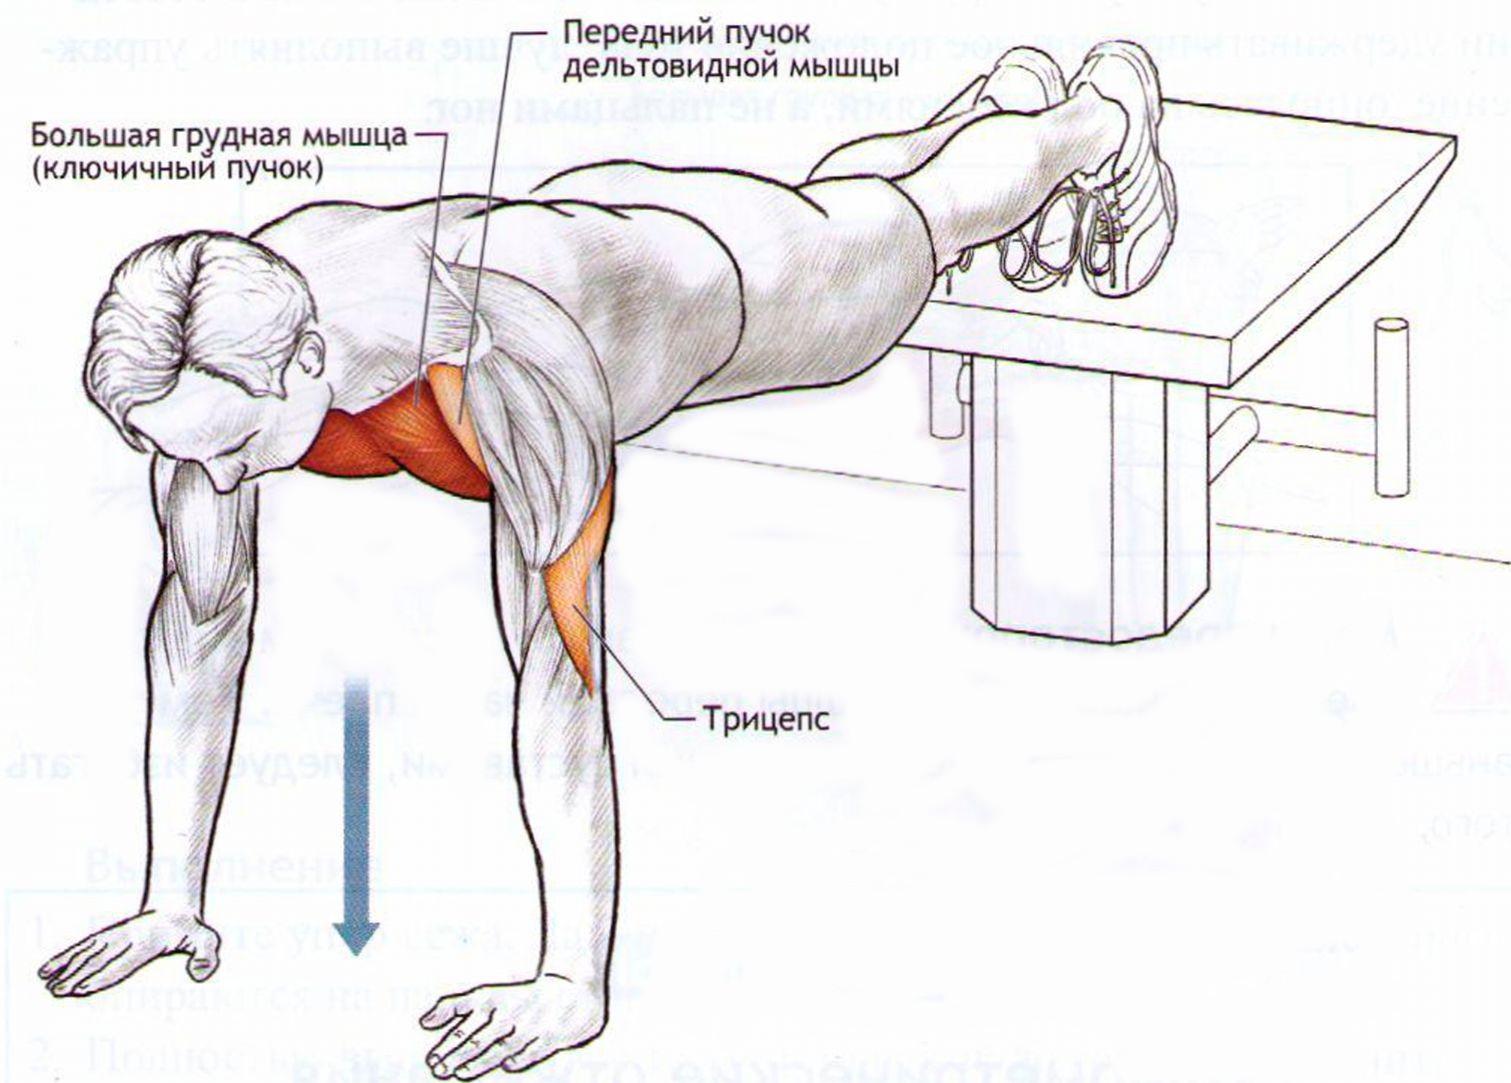 Таргетируемые мышцы во время отжимания узким хватом.